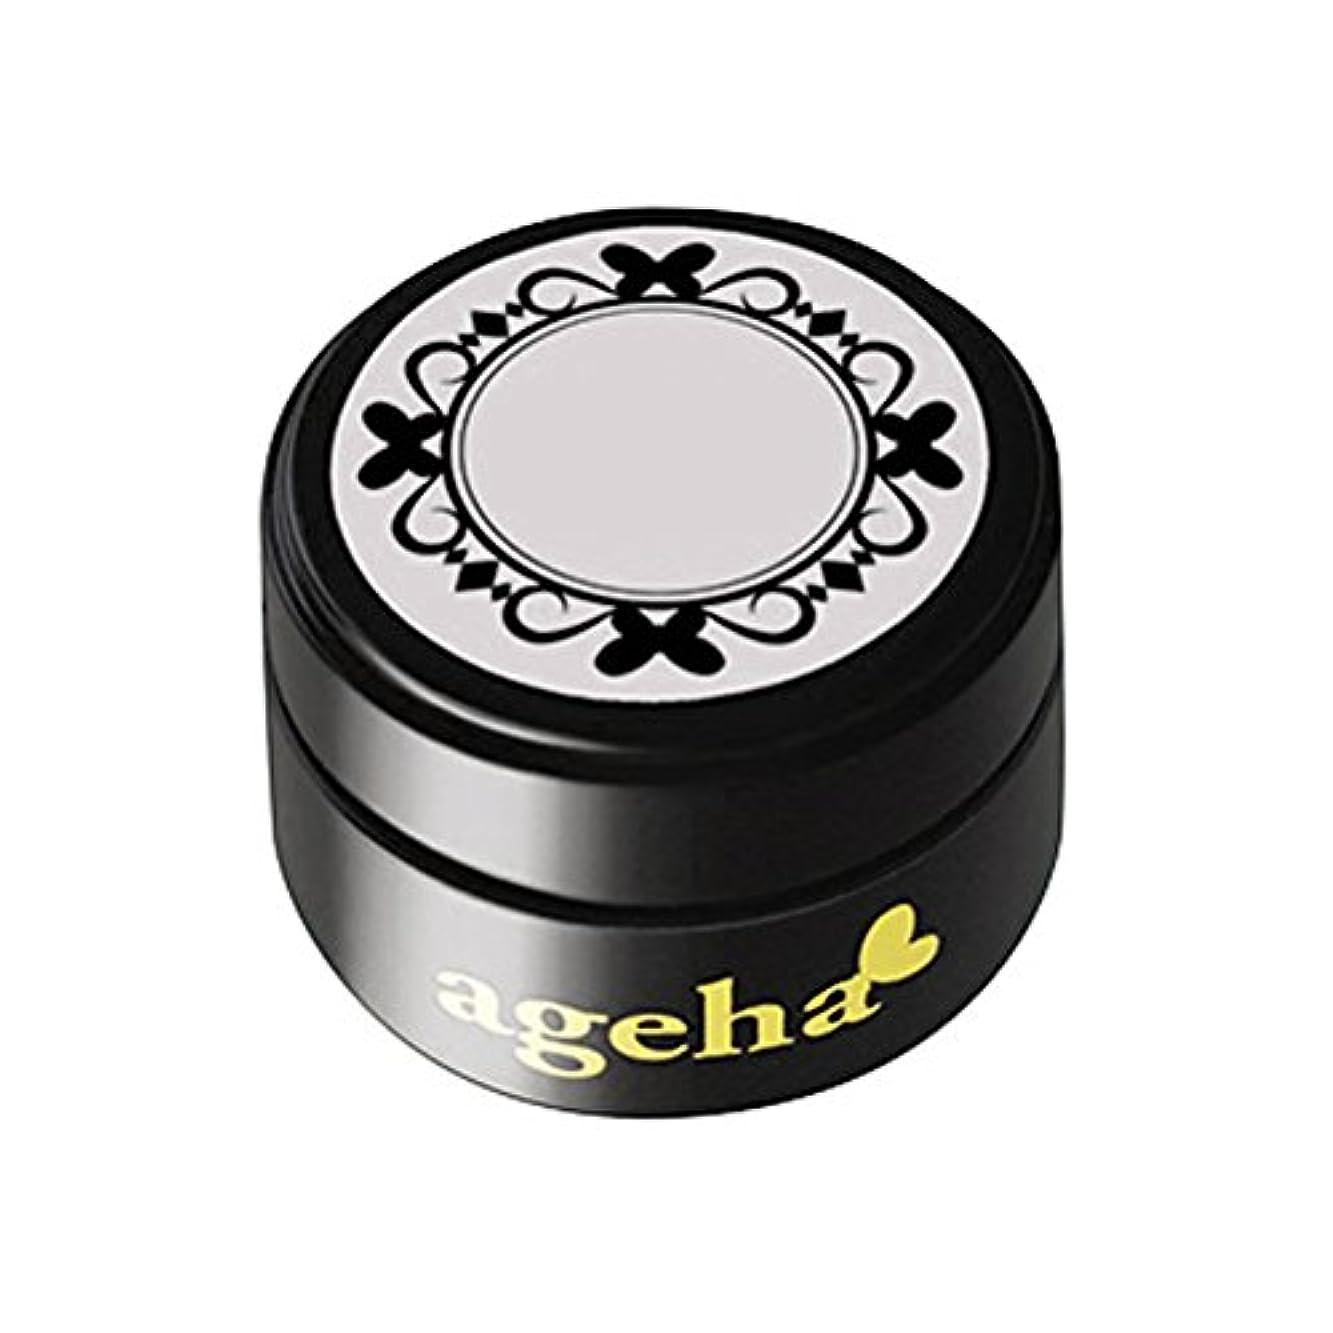 ジュラシックパーク逃れる間隔ageha gel カラージェル コスメカラー 200 ホワイト 2.7g UV/LED対応